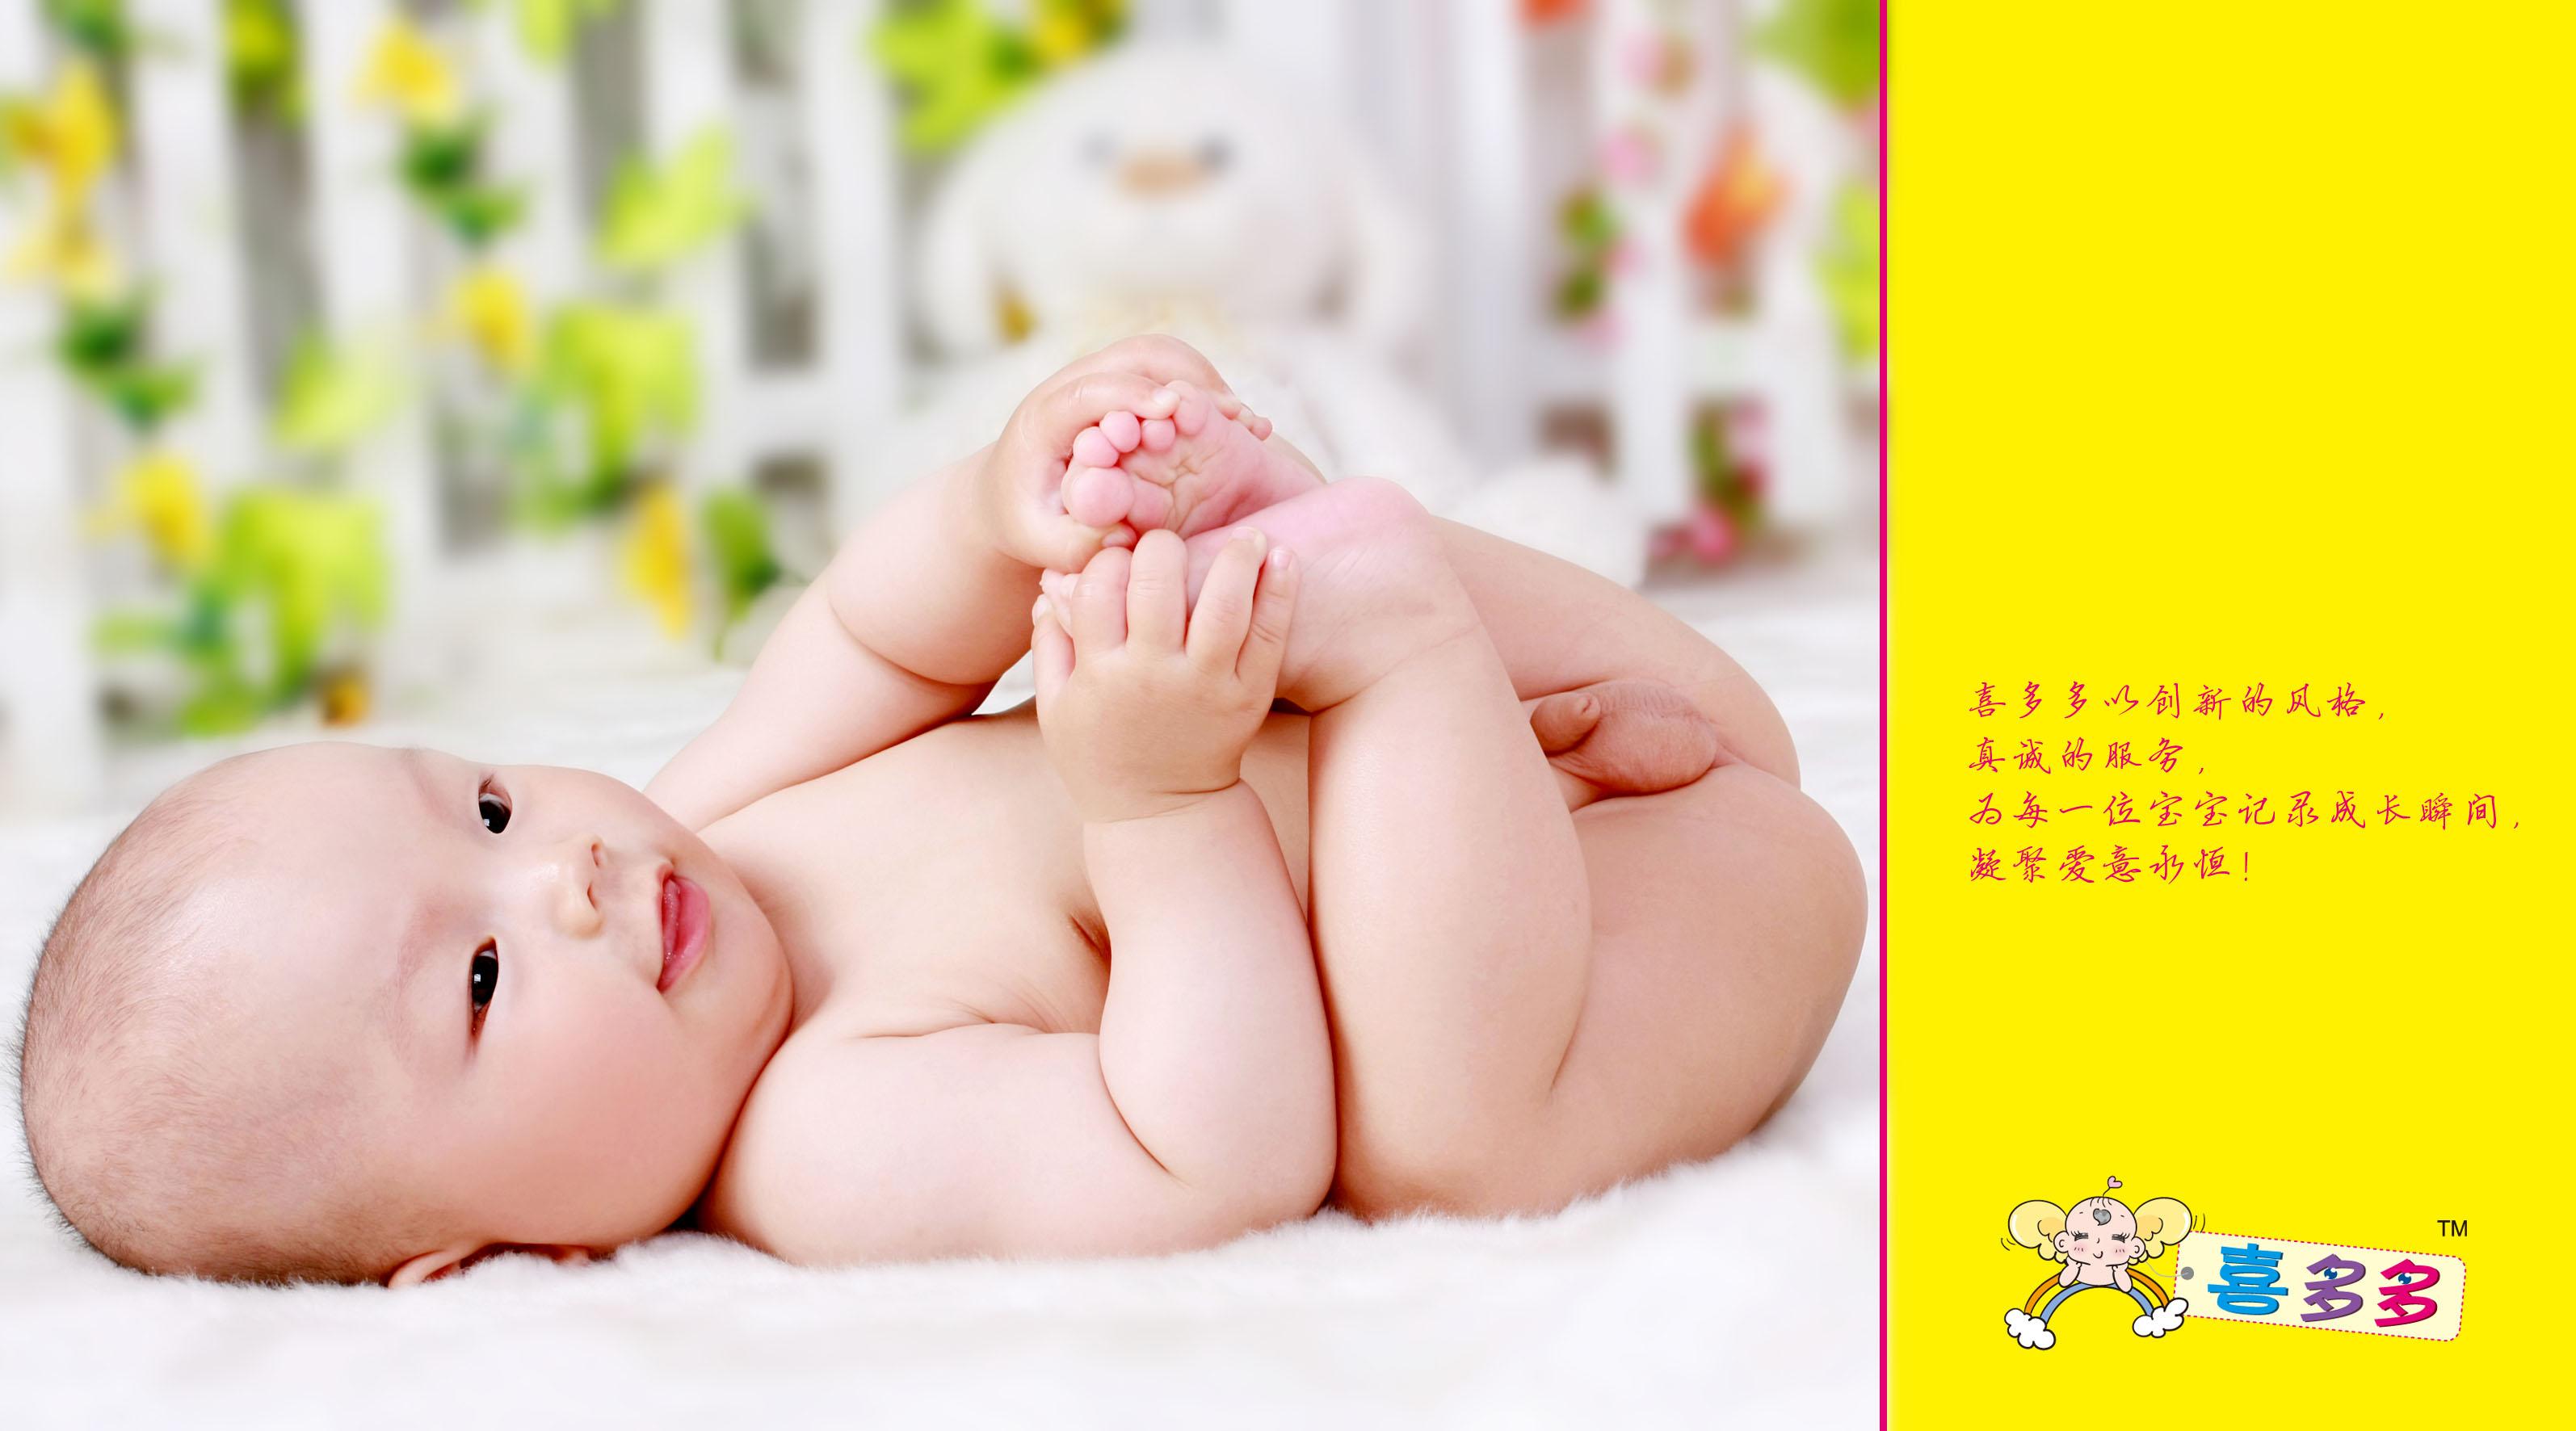 男婴儿冬天穿衣打扮图片